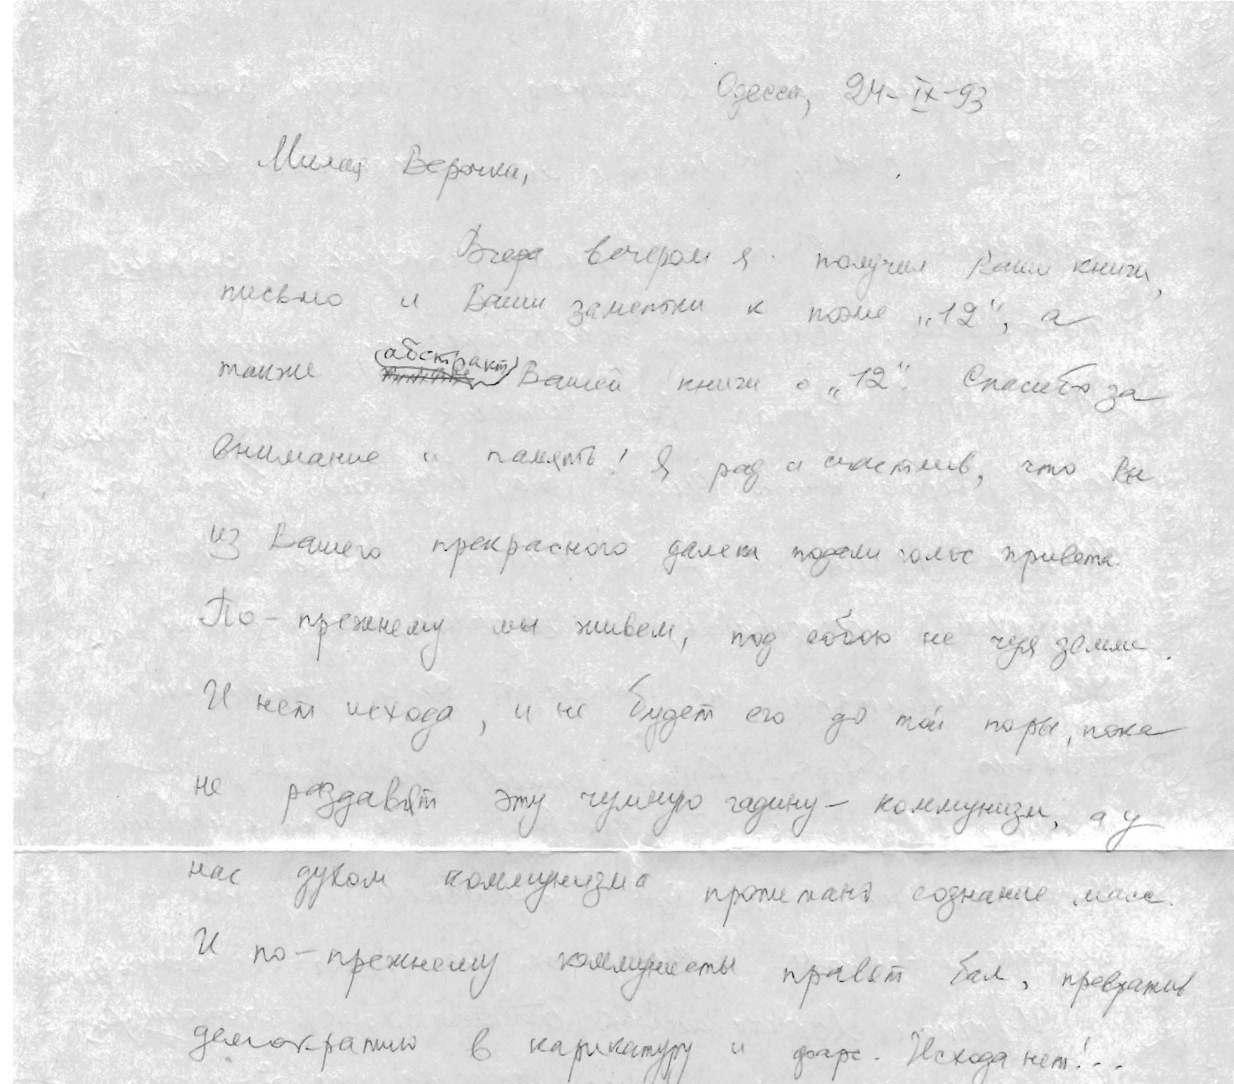 фрагмент письма Степана Ильева от 24-9-93